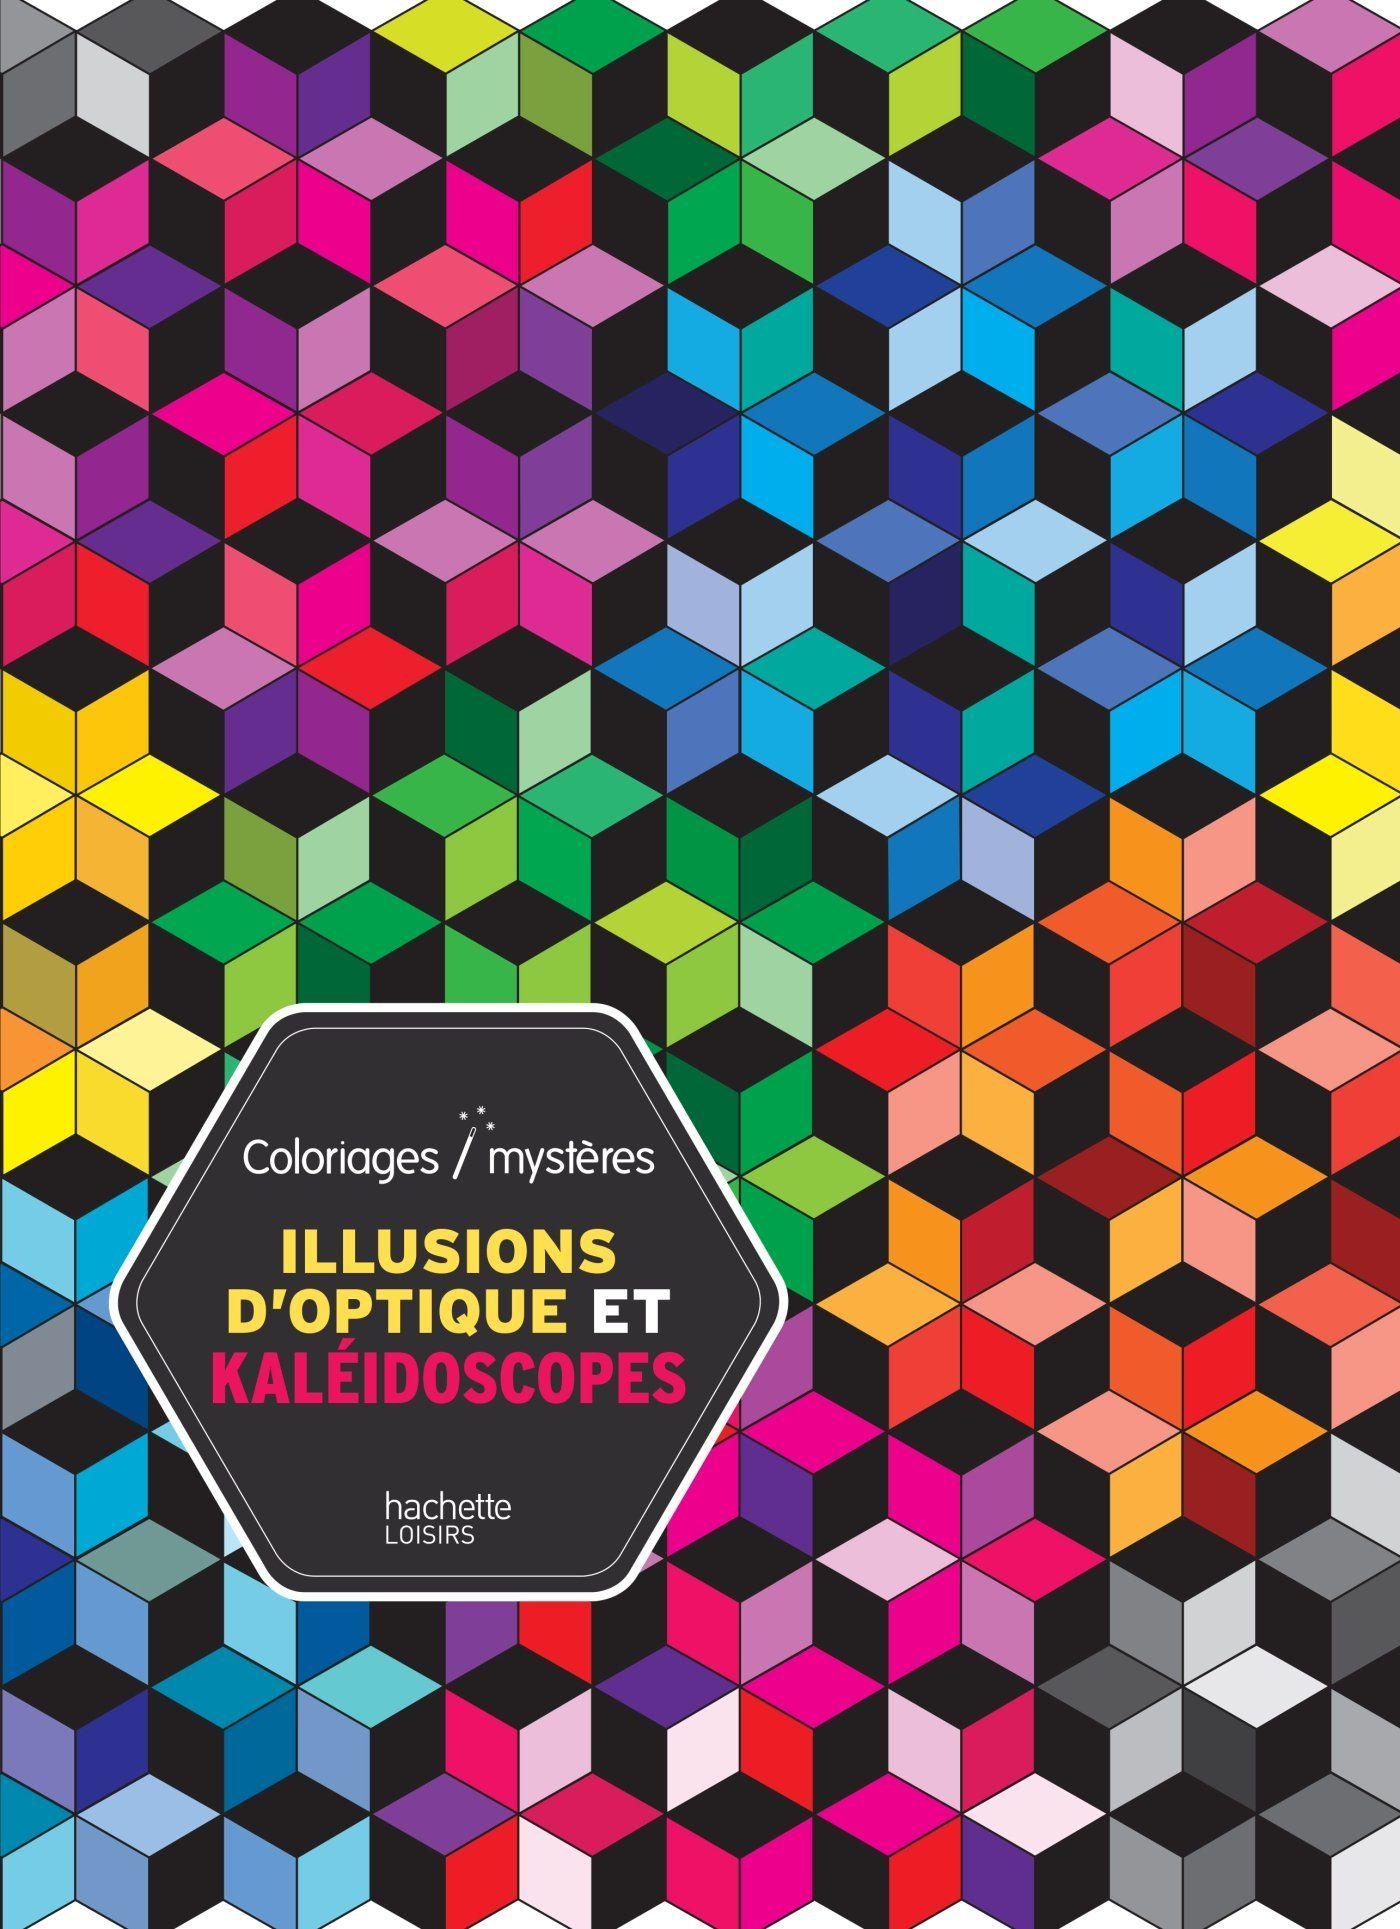 Illusions d 39 optique et kal idoscopes carole coullet livres coloriages jeux - Mini coloriage illusion d optique ...